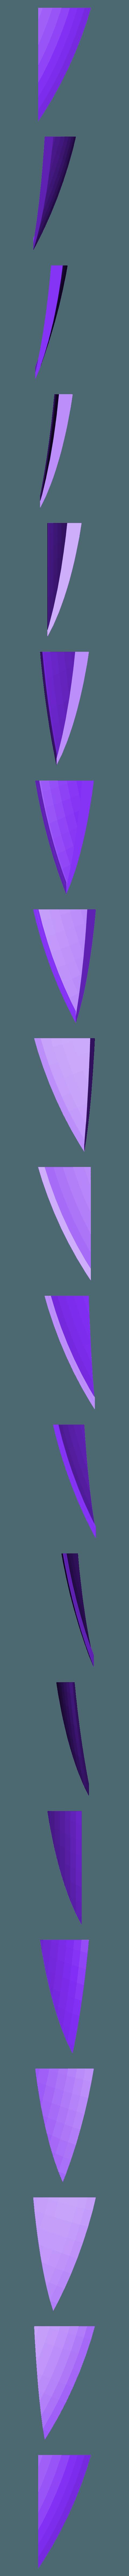 18.STL Télécharger fichier STL gratuit Bouclier du capitaine amérique (Entièrement détaillé) • Design pour imprimante 3D, Absolute3D